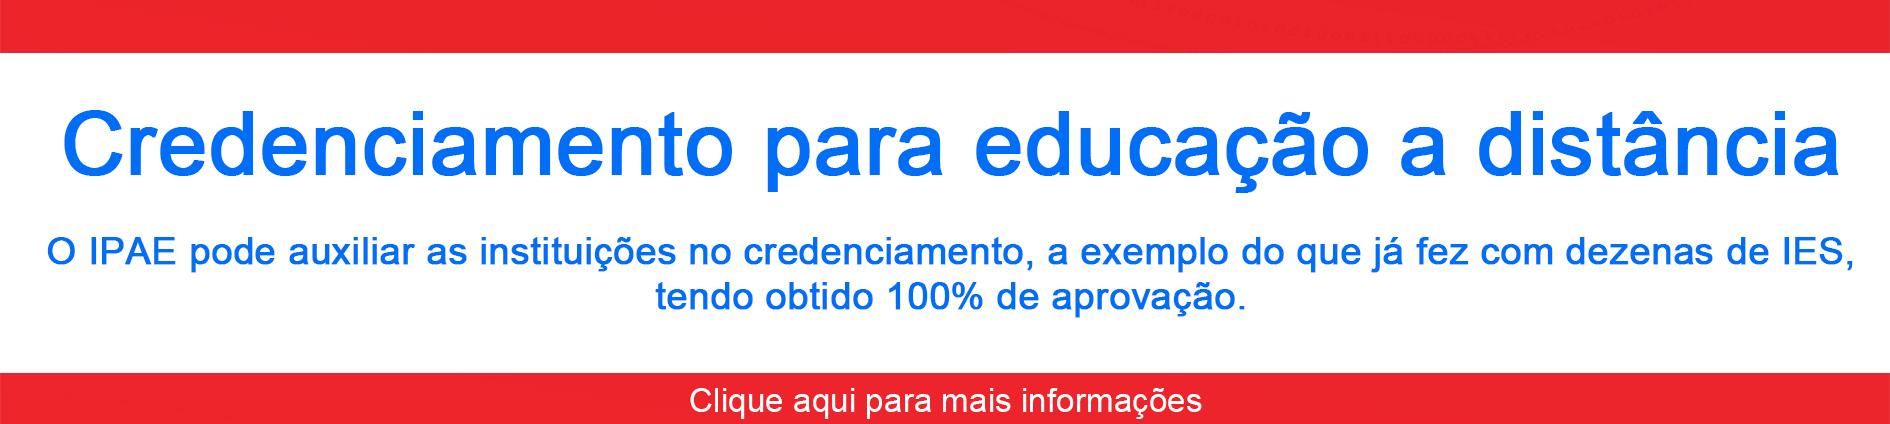 credenciamento de IES para educação a distância